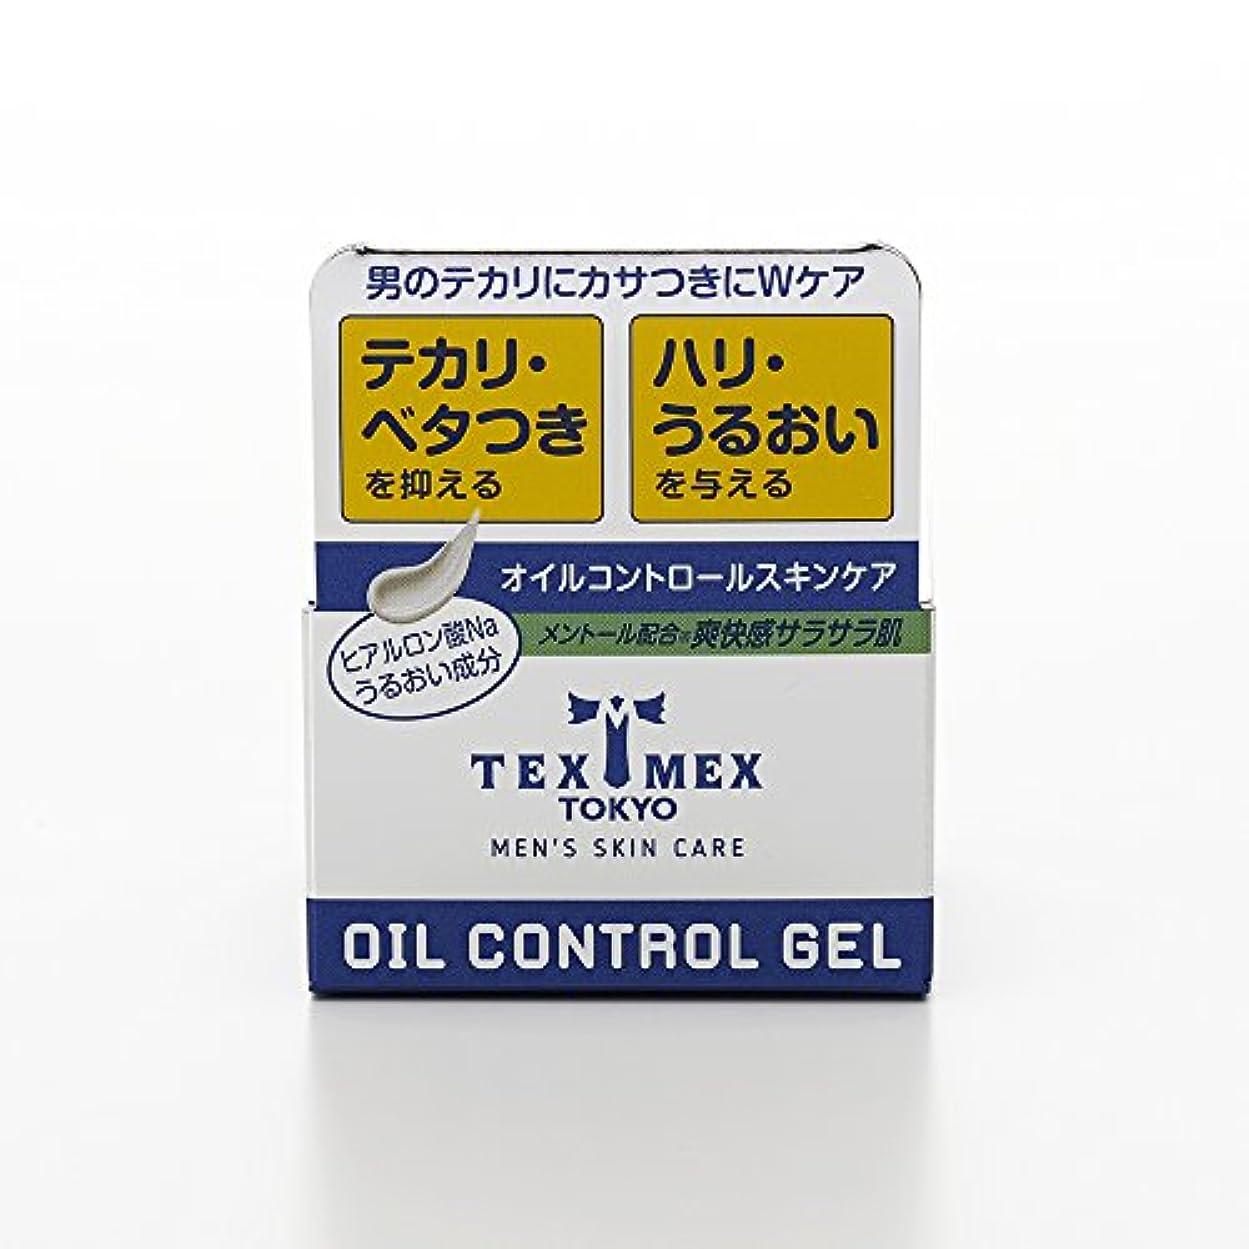 一月火山評決テックスメックス オイルコントロールジェル 24g (テカリ防止ジェル) 【塗るだけでサラサラ肌に】